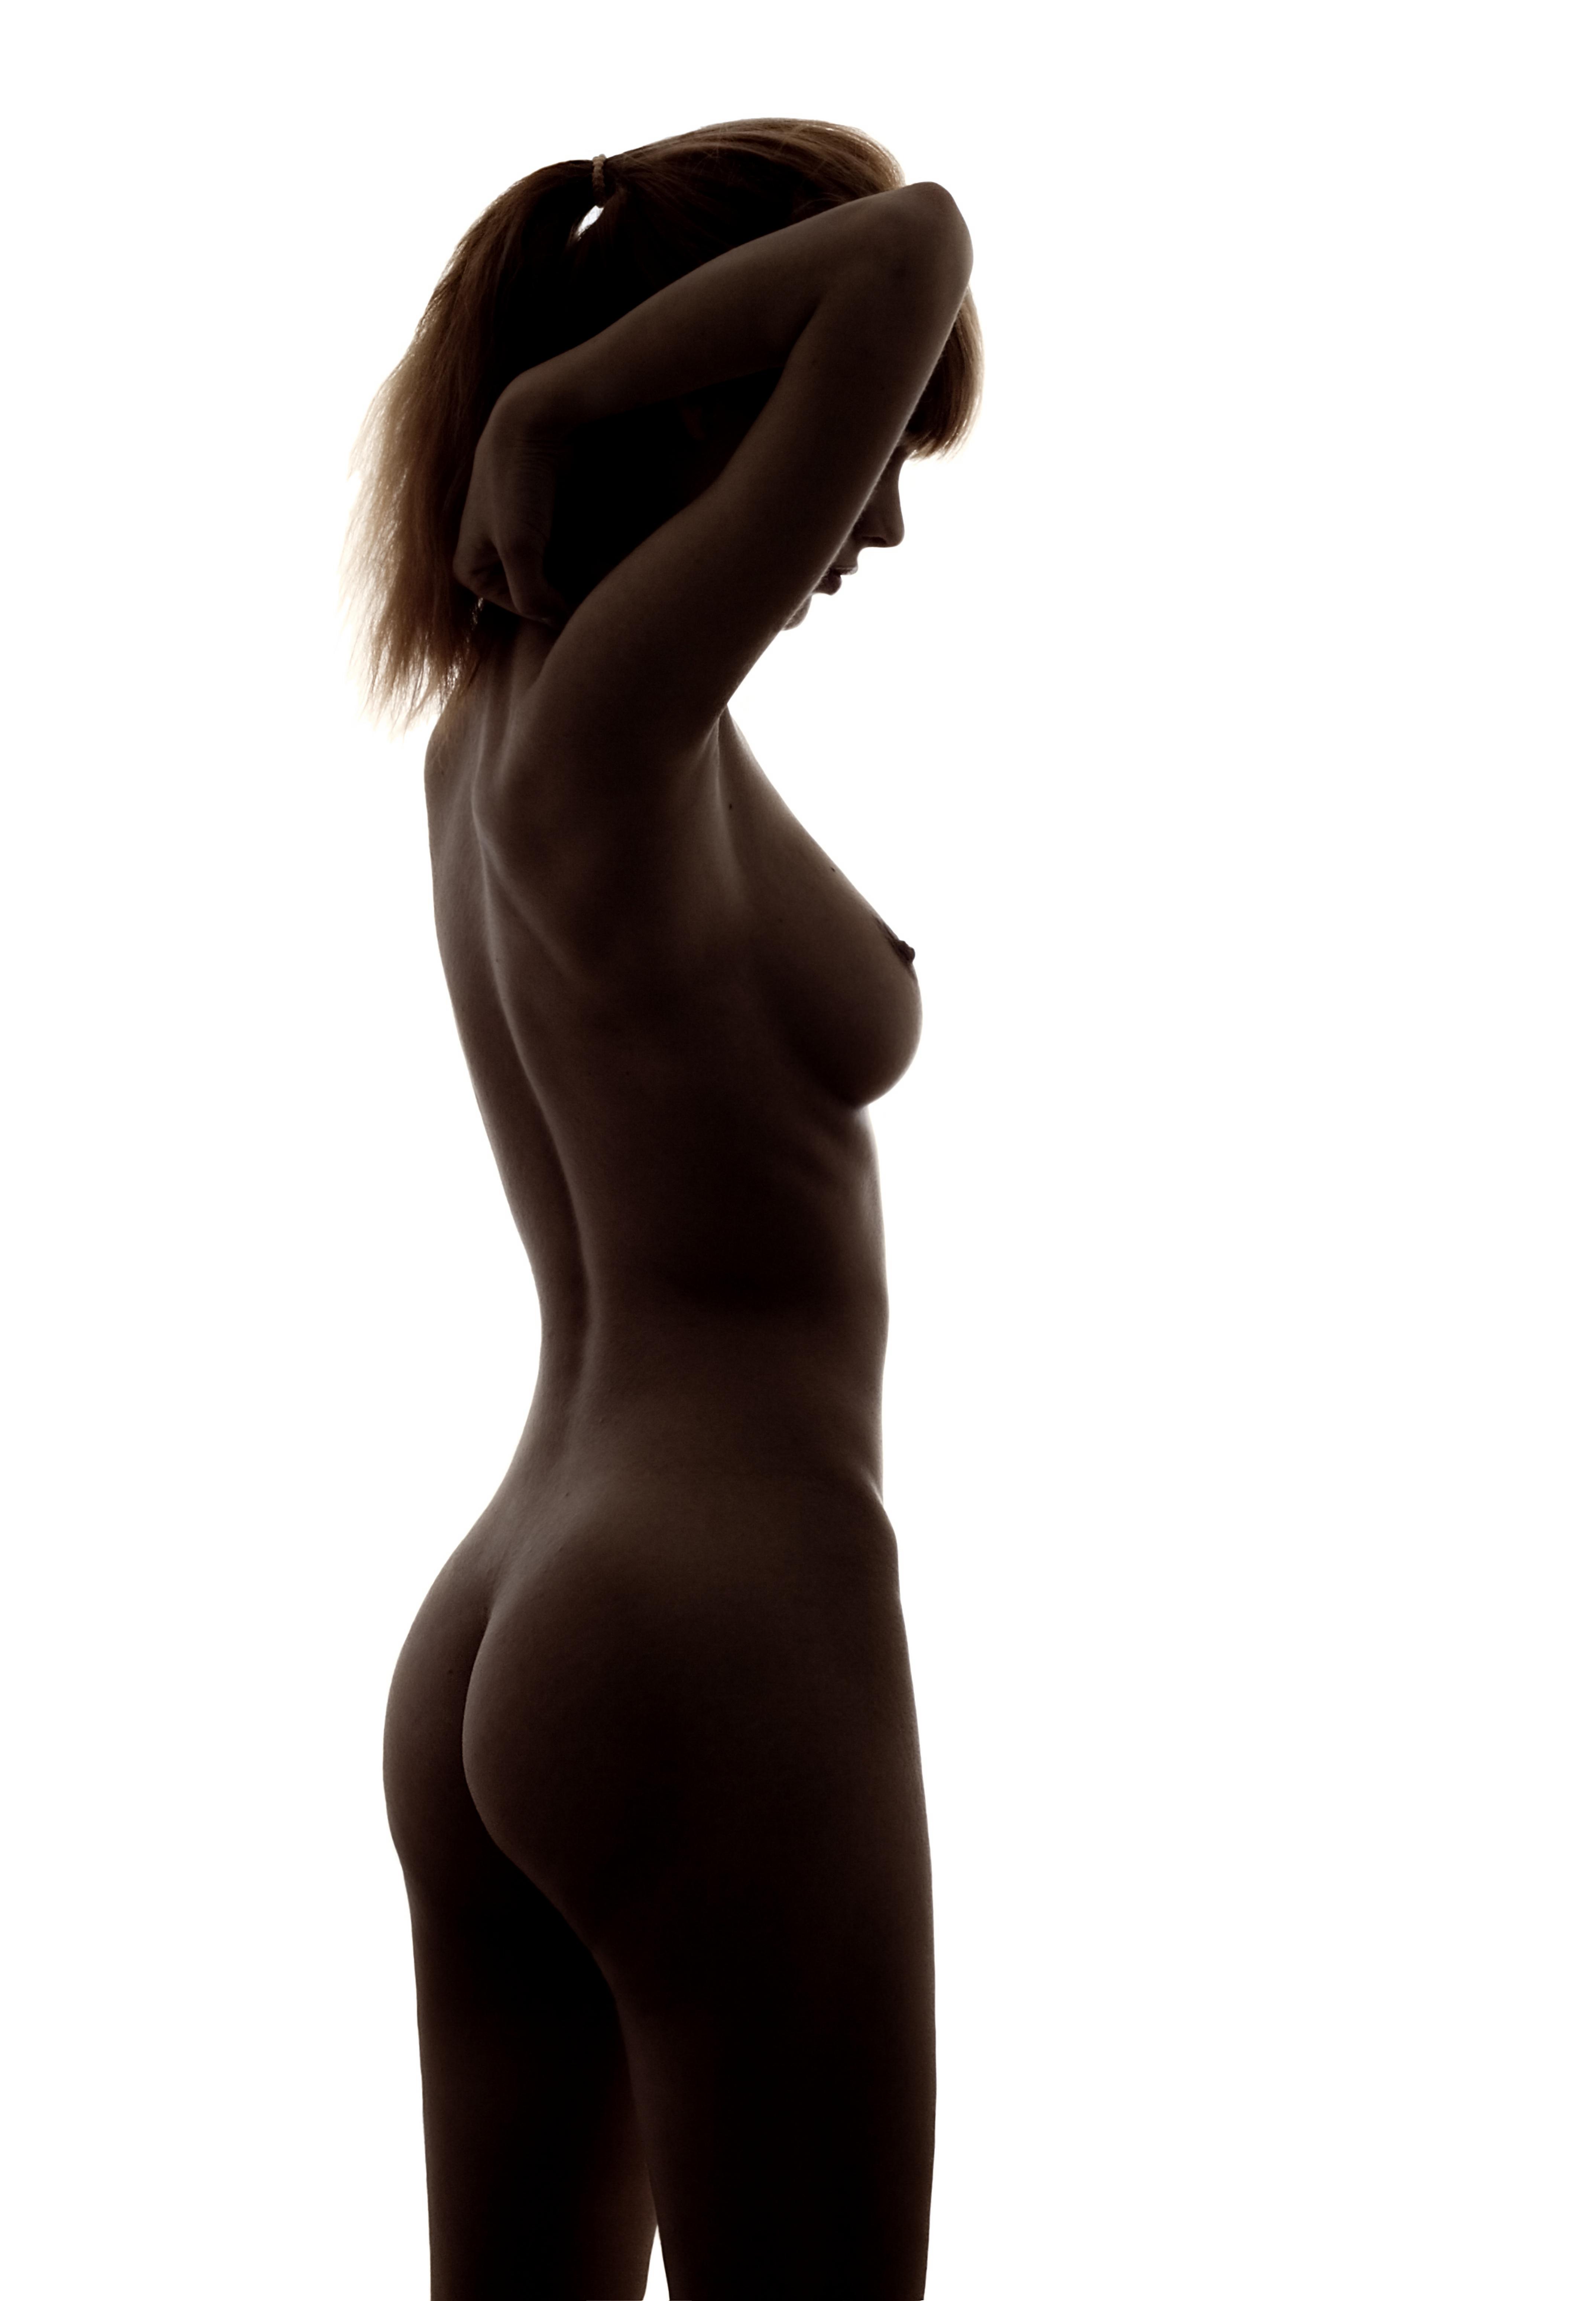 Силуэты голых девушек 23 фотография